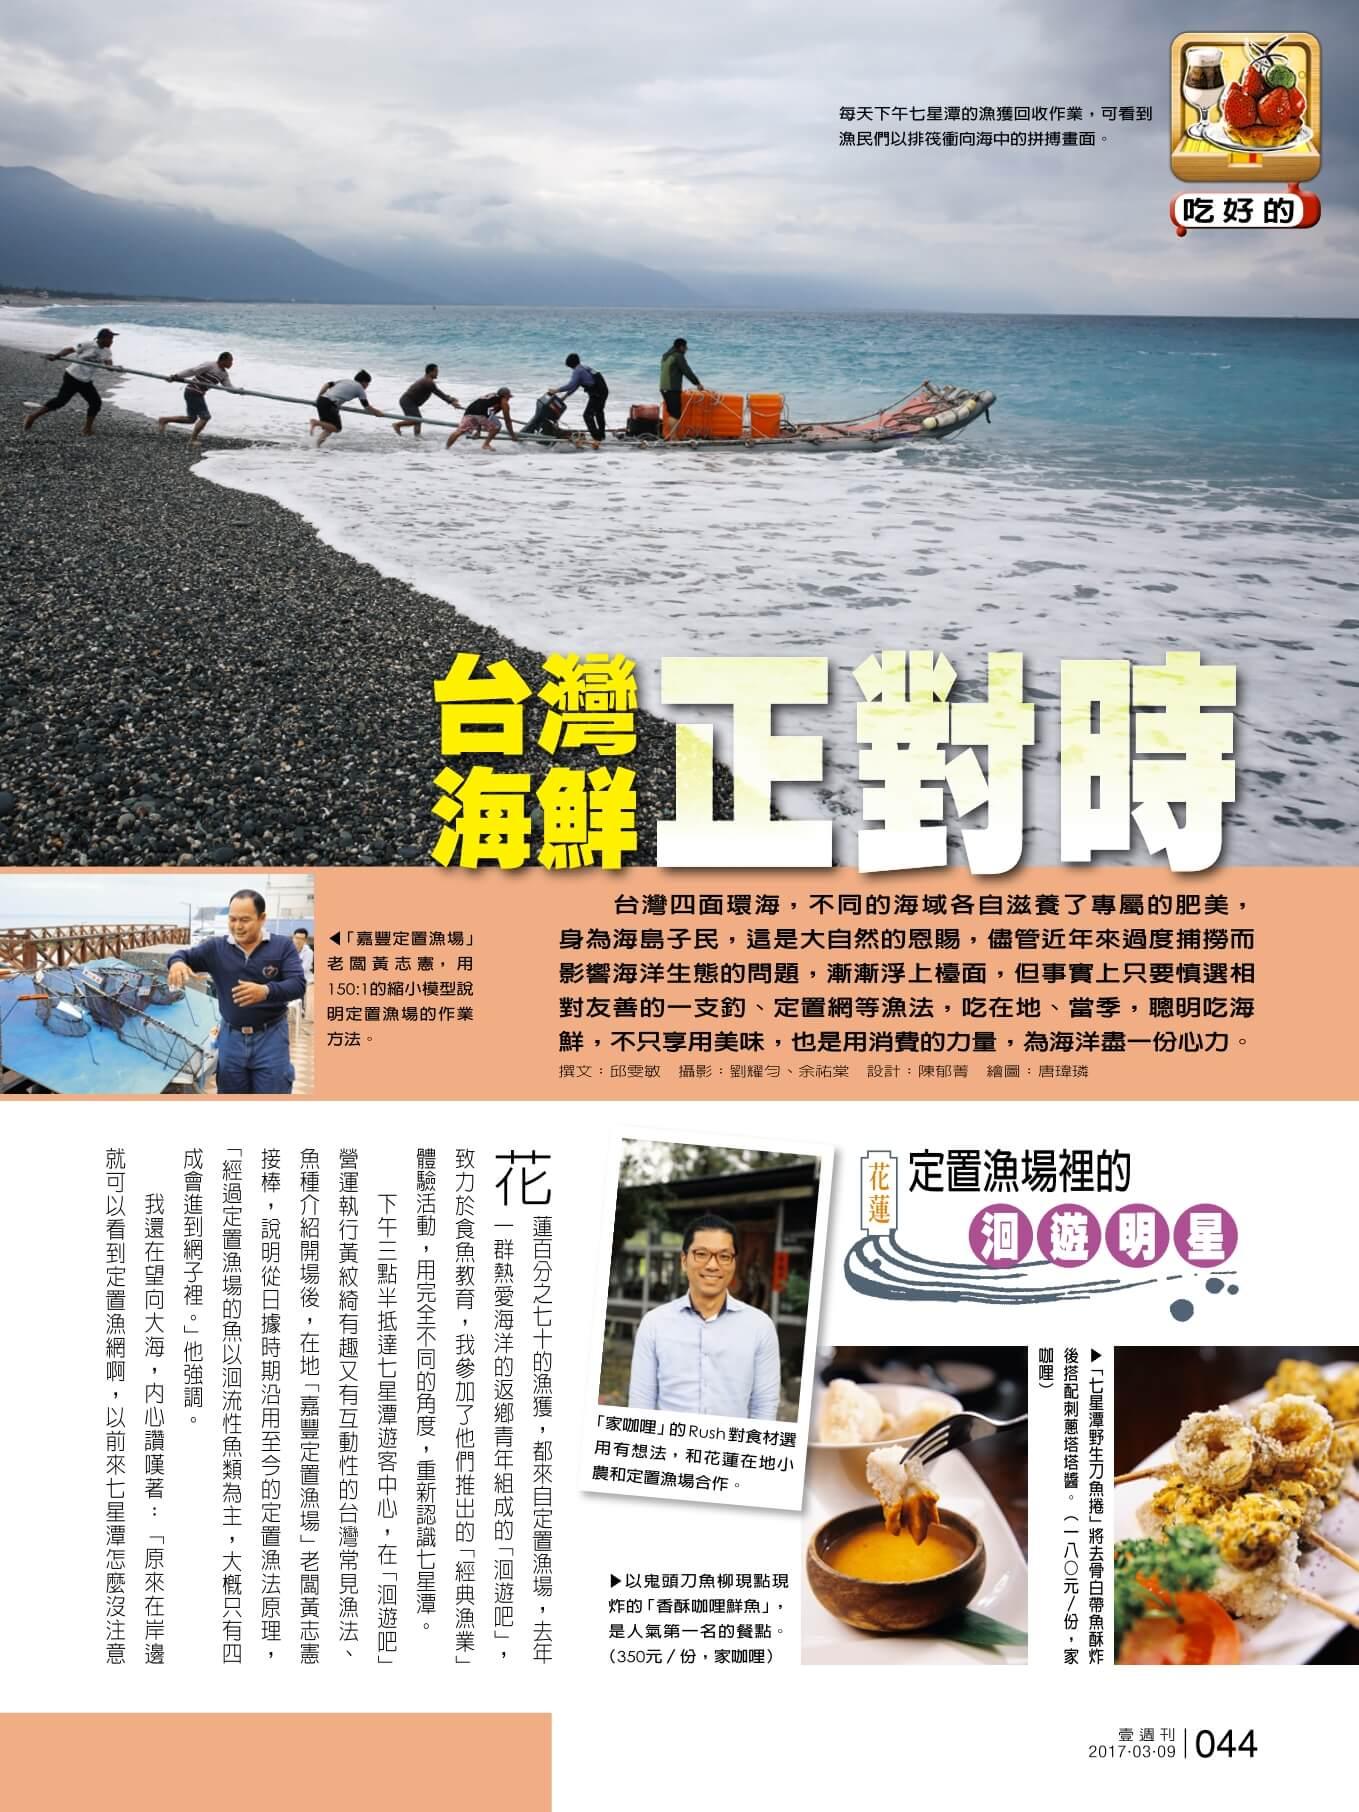 壹週刊824生活娛樂精華版